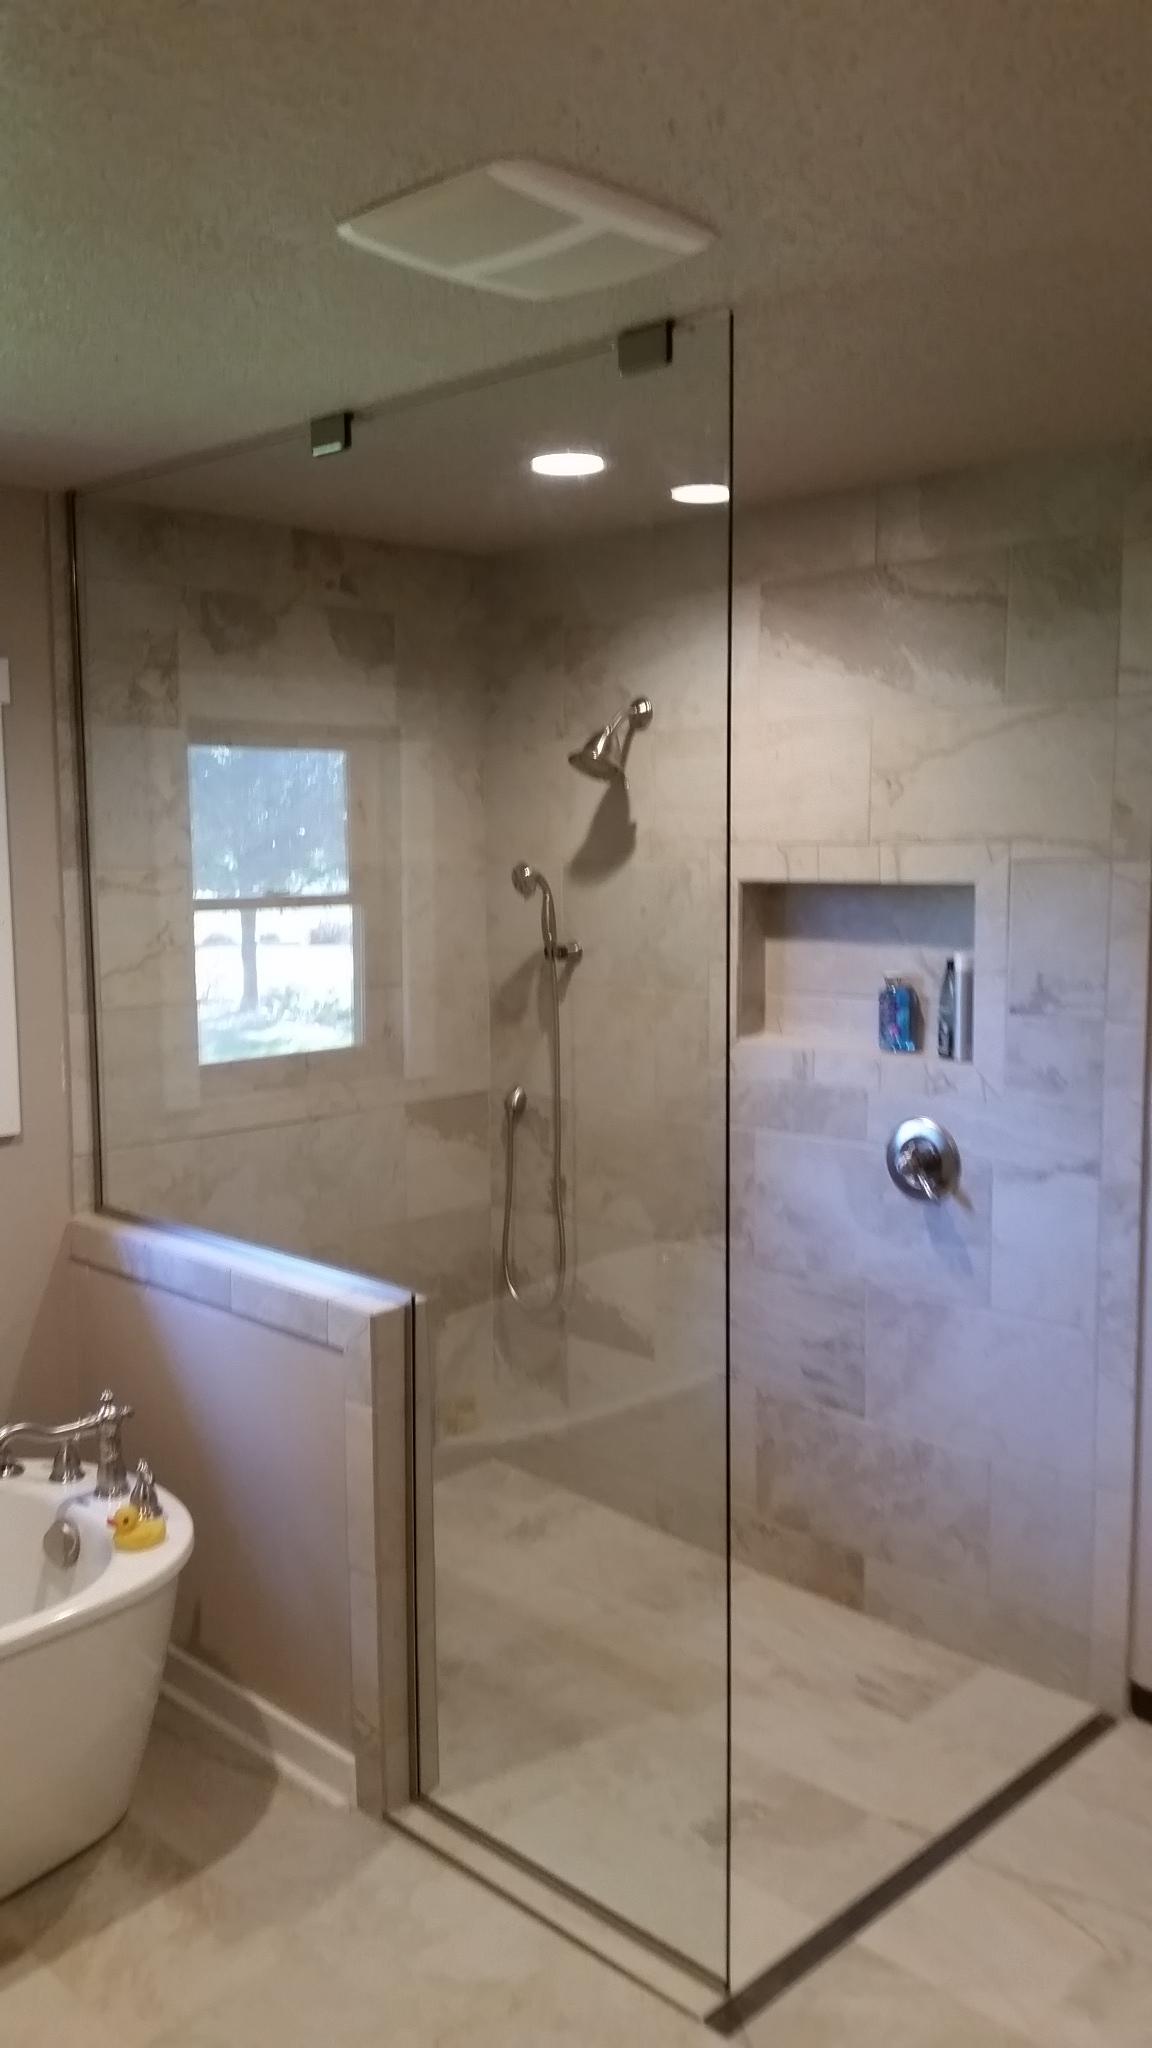 Fixed Panel W/ No Door | Fixed panel mo door | Reflections Glass and Mirror & Fixed Panel W/ No Door | Fixed panel mo door | Reflections Glass and ...